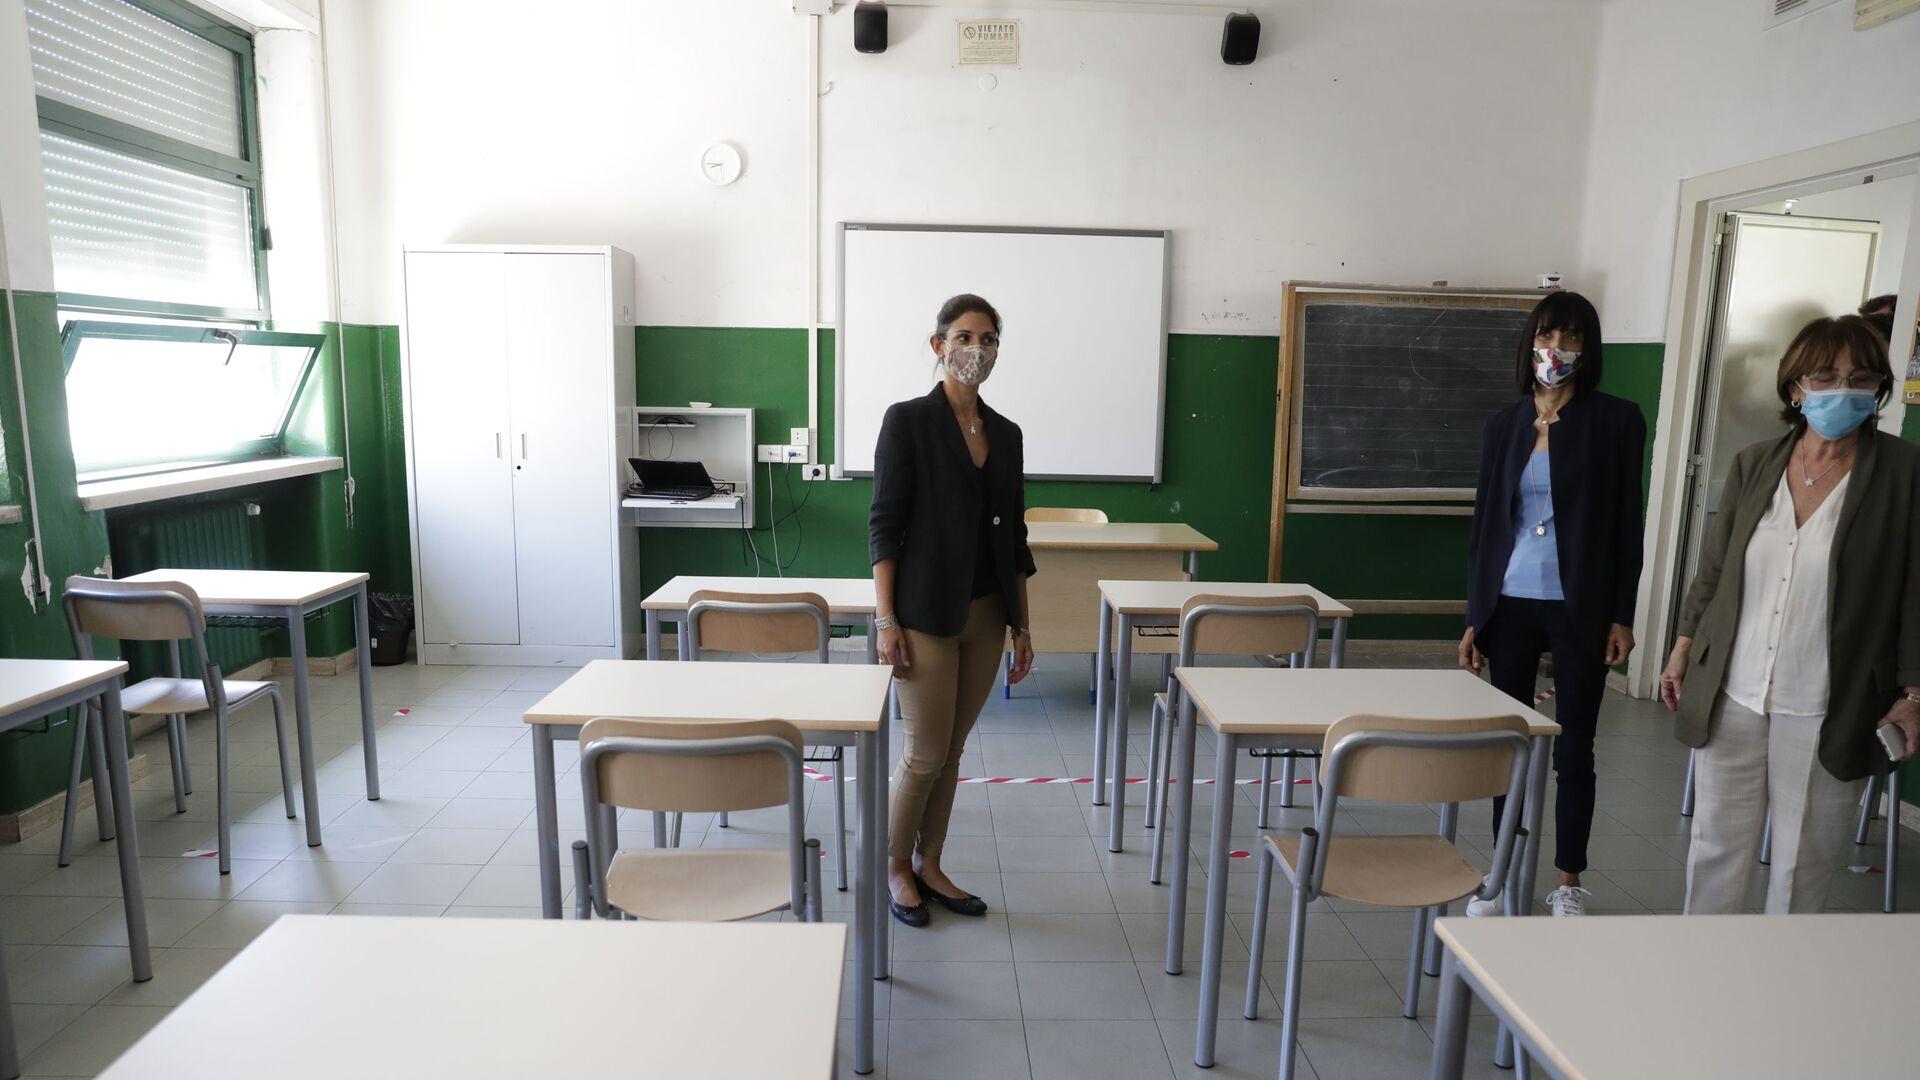 Virginia Raggi a scuola a Roma prima dell'inizio dell'anno scolastico - Sputnik Italia, 1920, 14.08.2021